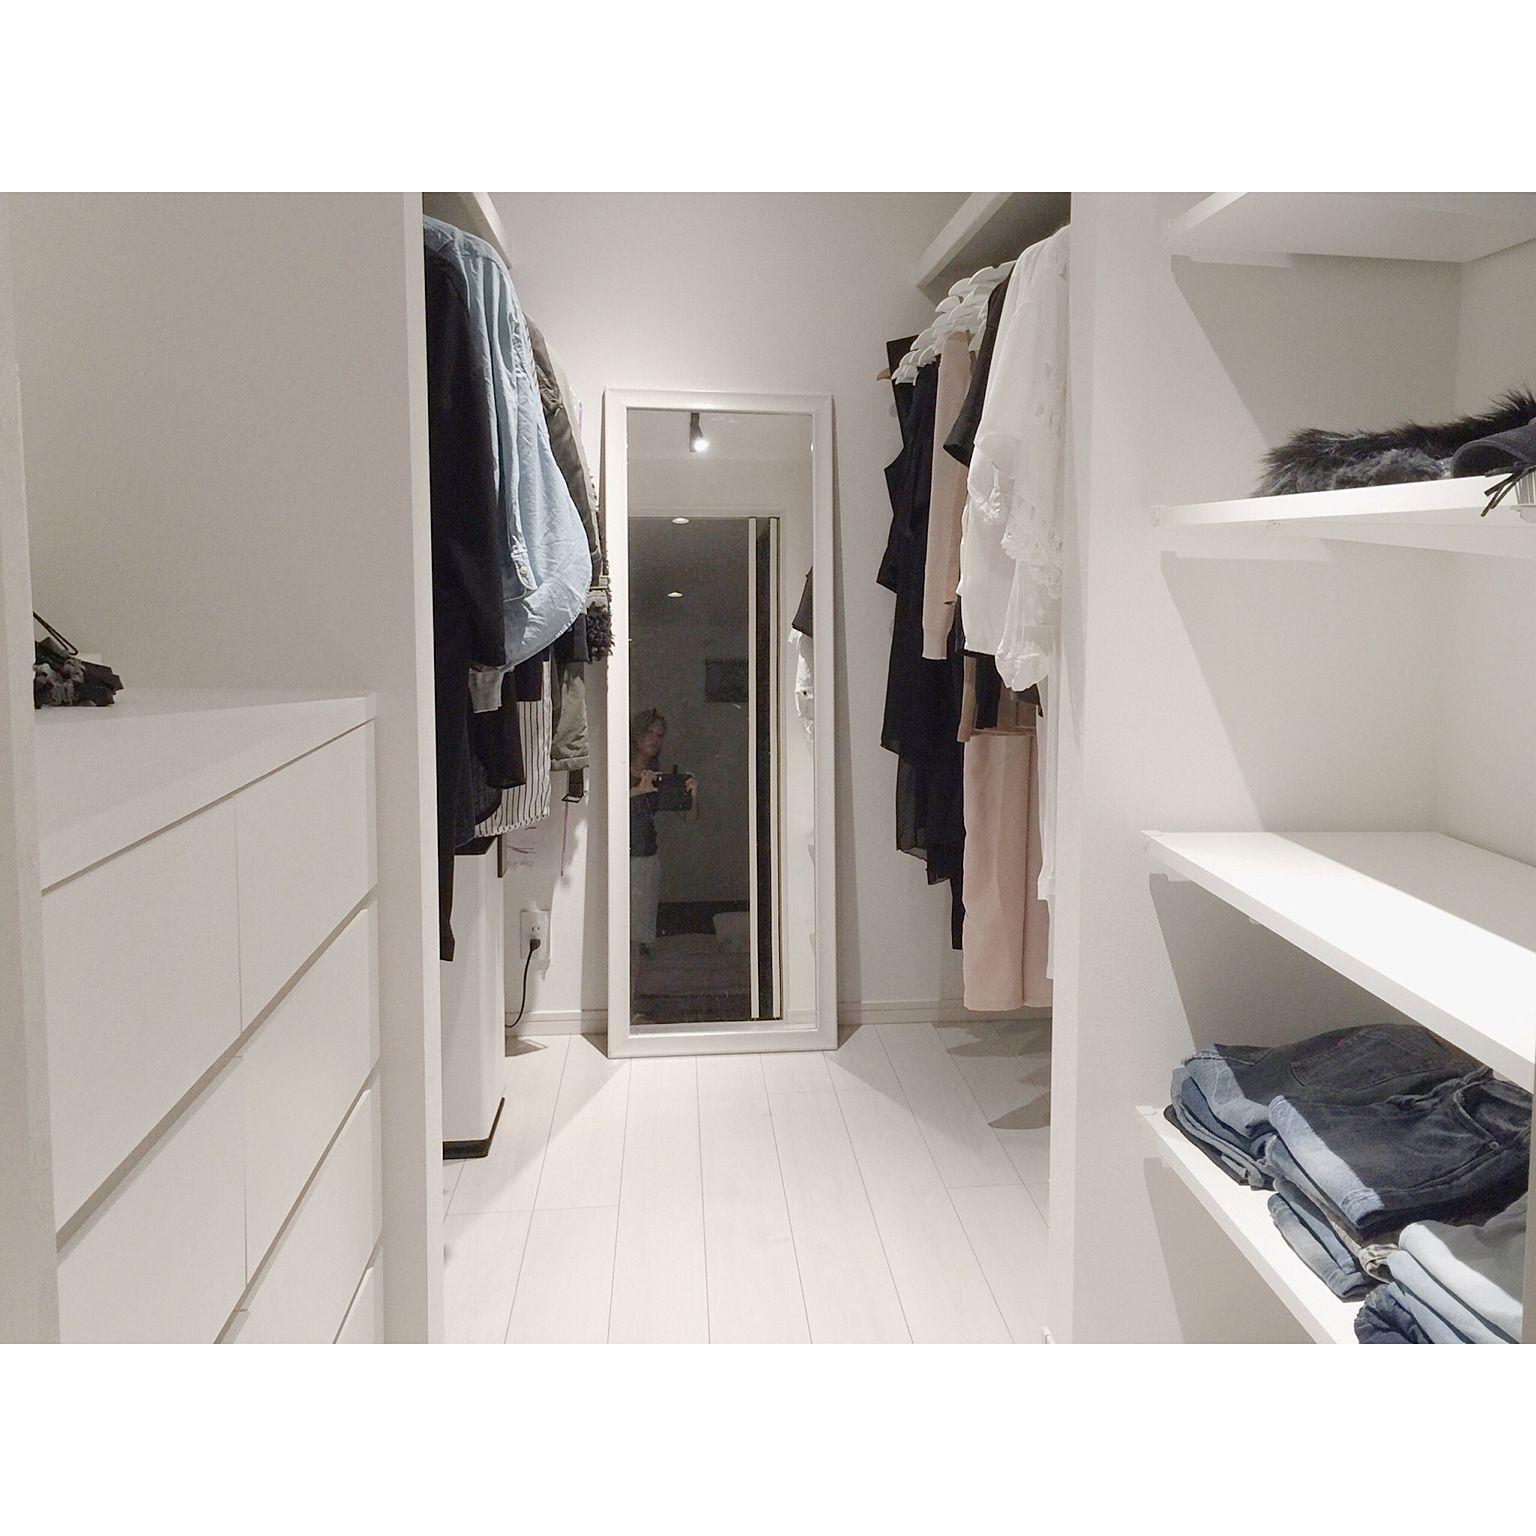 87e65d1092 衣類収納/ウォークインクローゼット/WIC/IG▷ ▷︎monochrome001/新築一戸建て…などのインテリア実例 - 2016-08-16  23:54:31 | RoomClip(ルームクリップ)